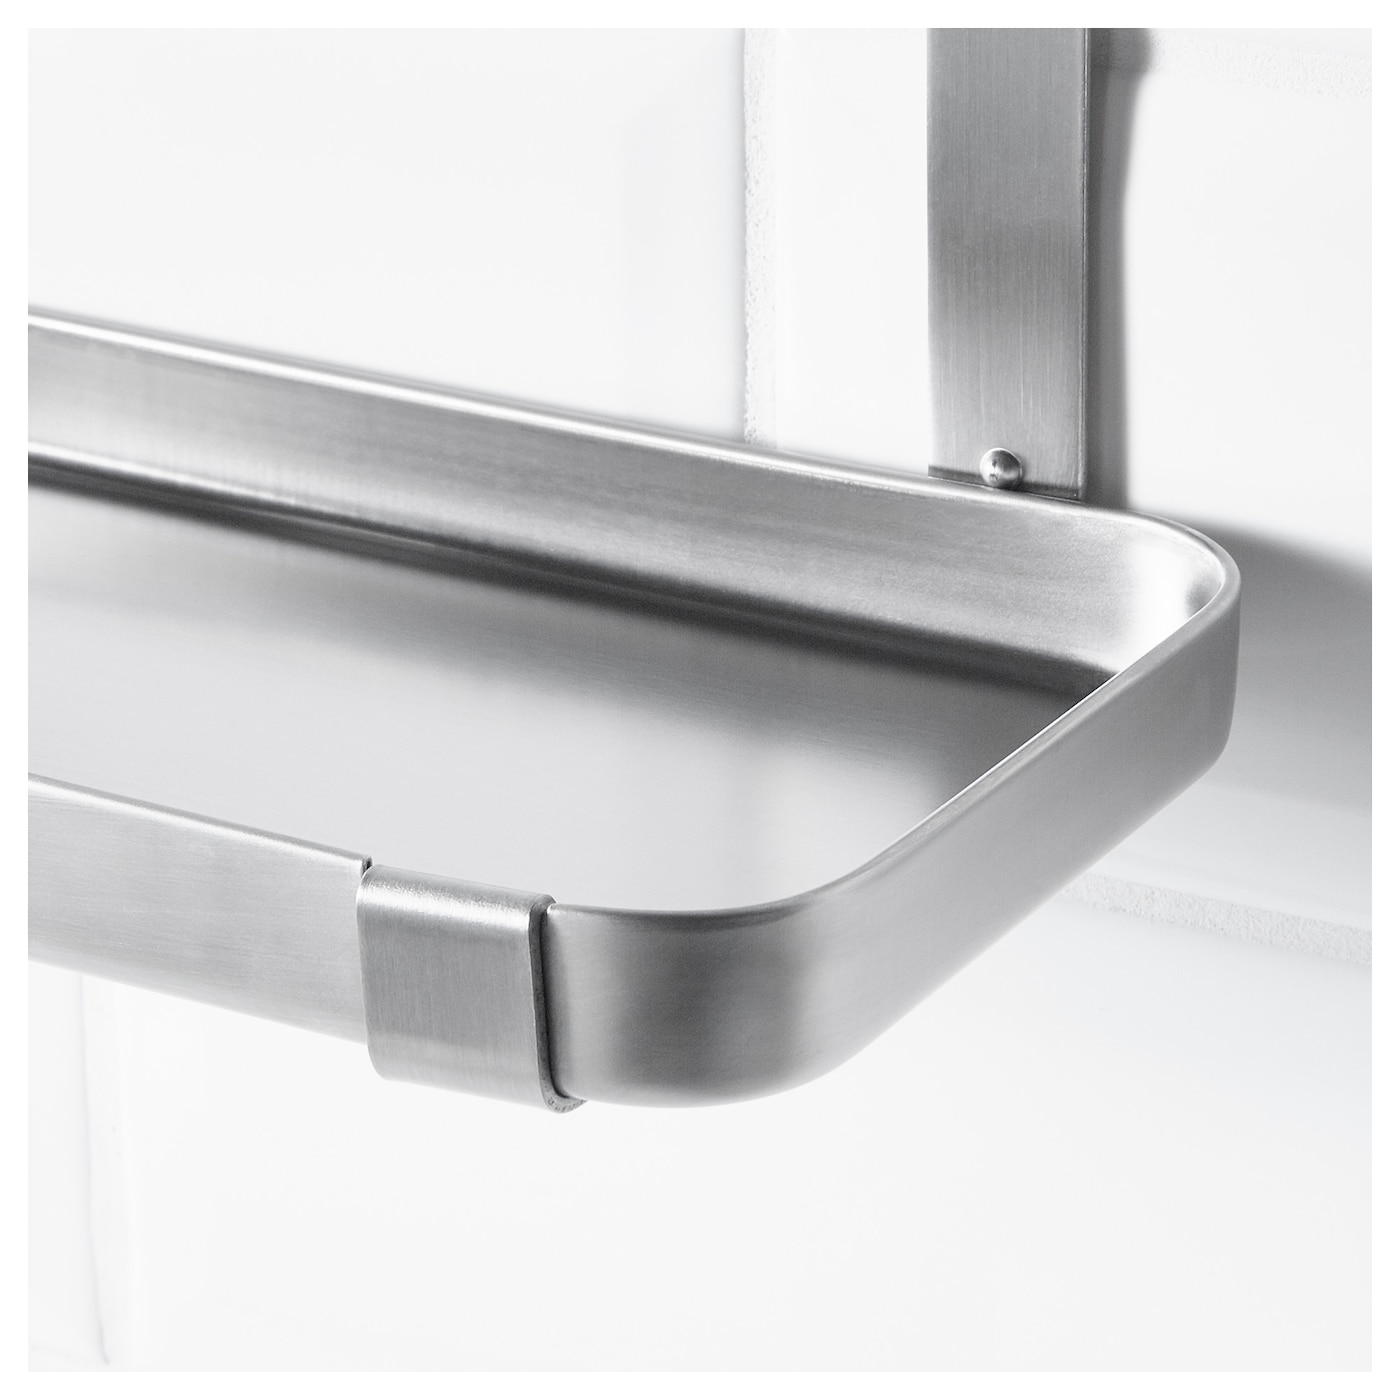 GRUNDTAL Shelf Stainless steel 25×12 5×20 cm IKEA